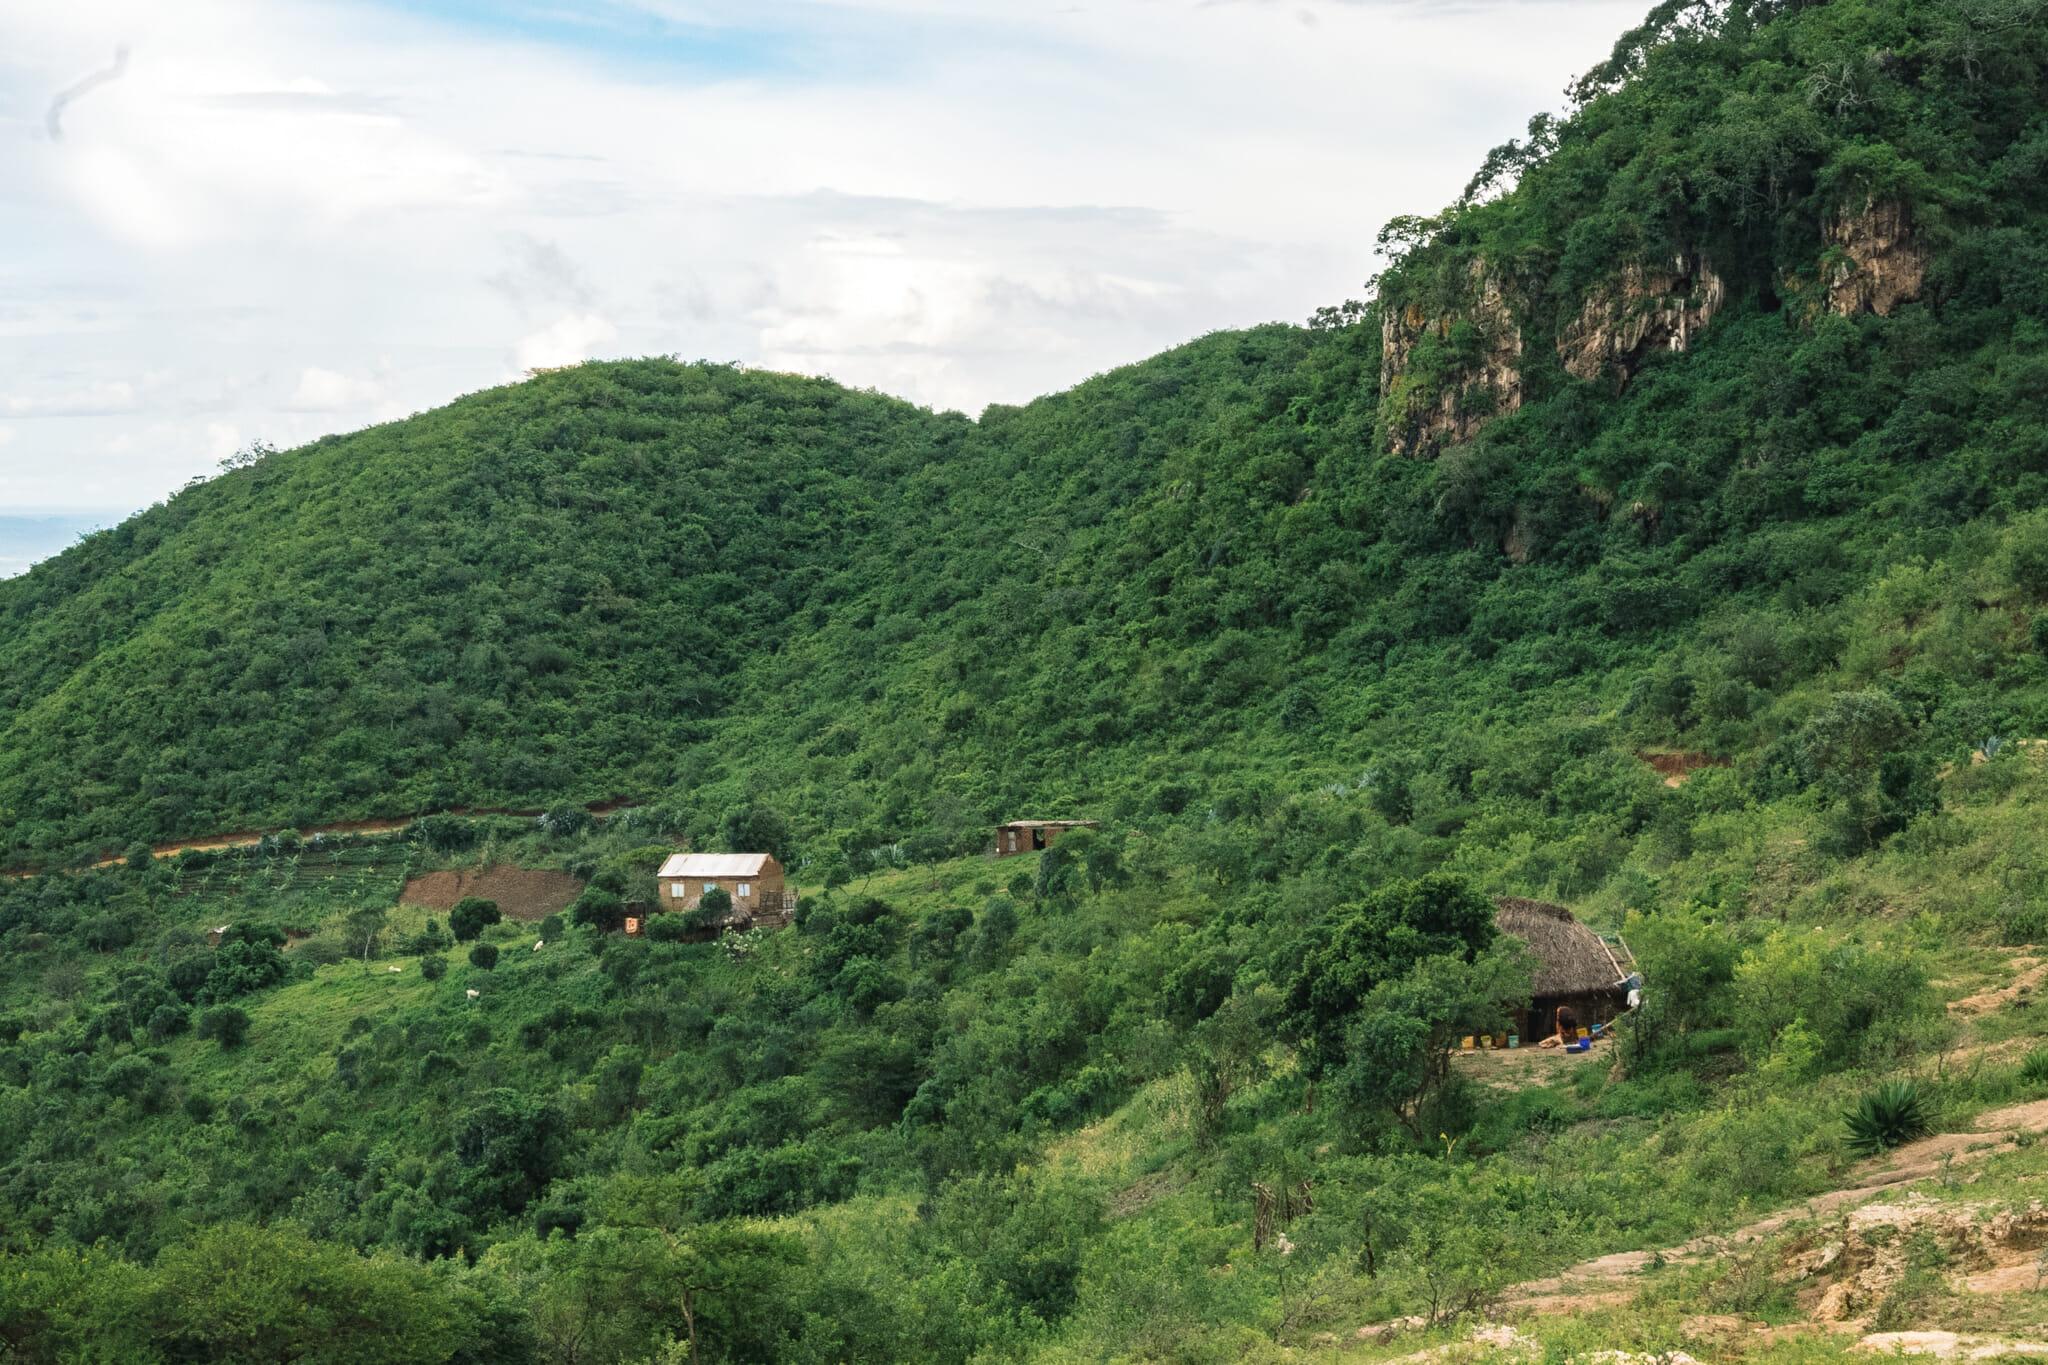 Randonnée pour accéder à l'mmersion dans le village d'Endallah en Tanzanie